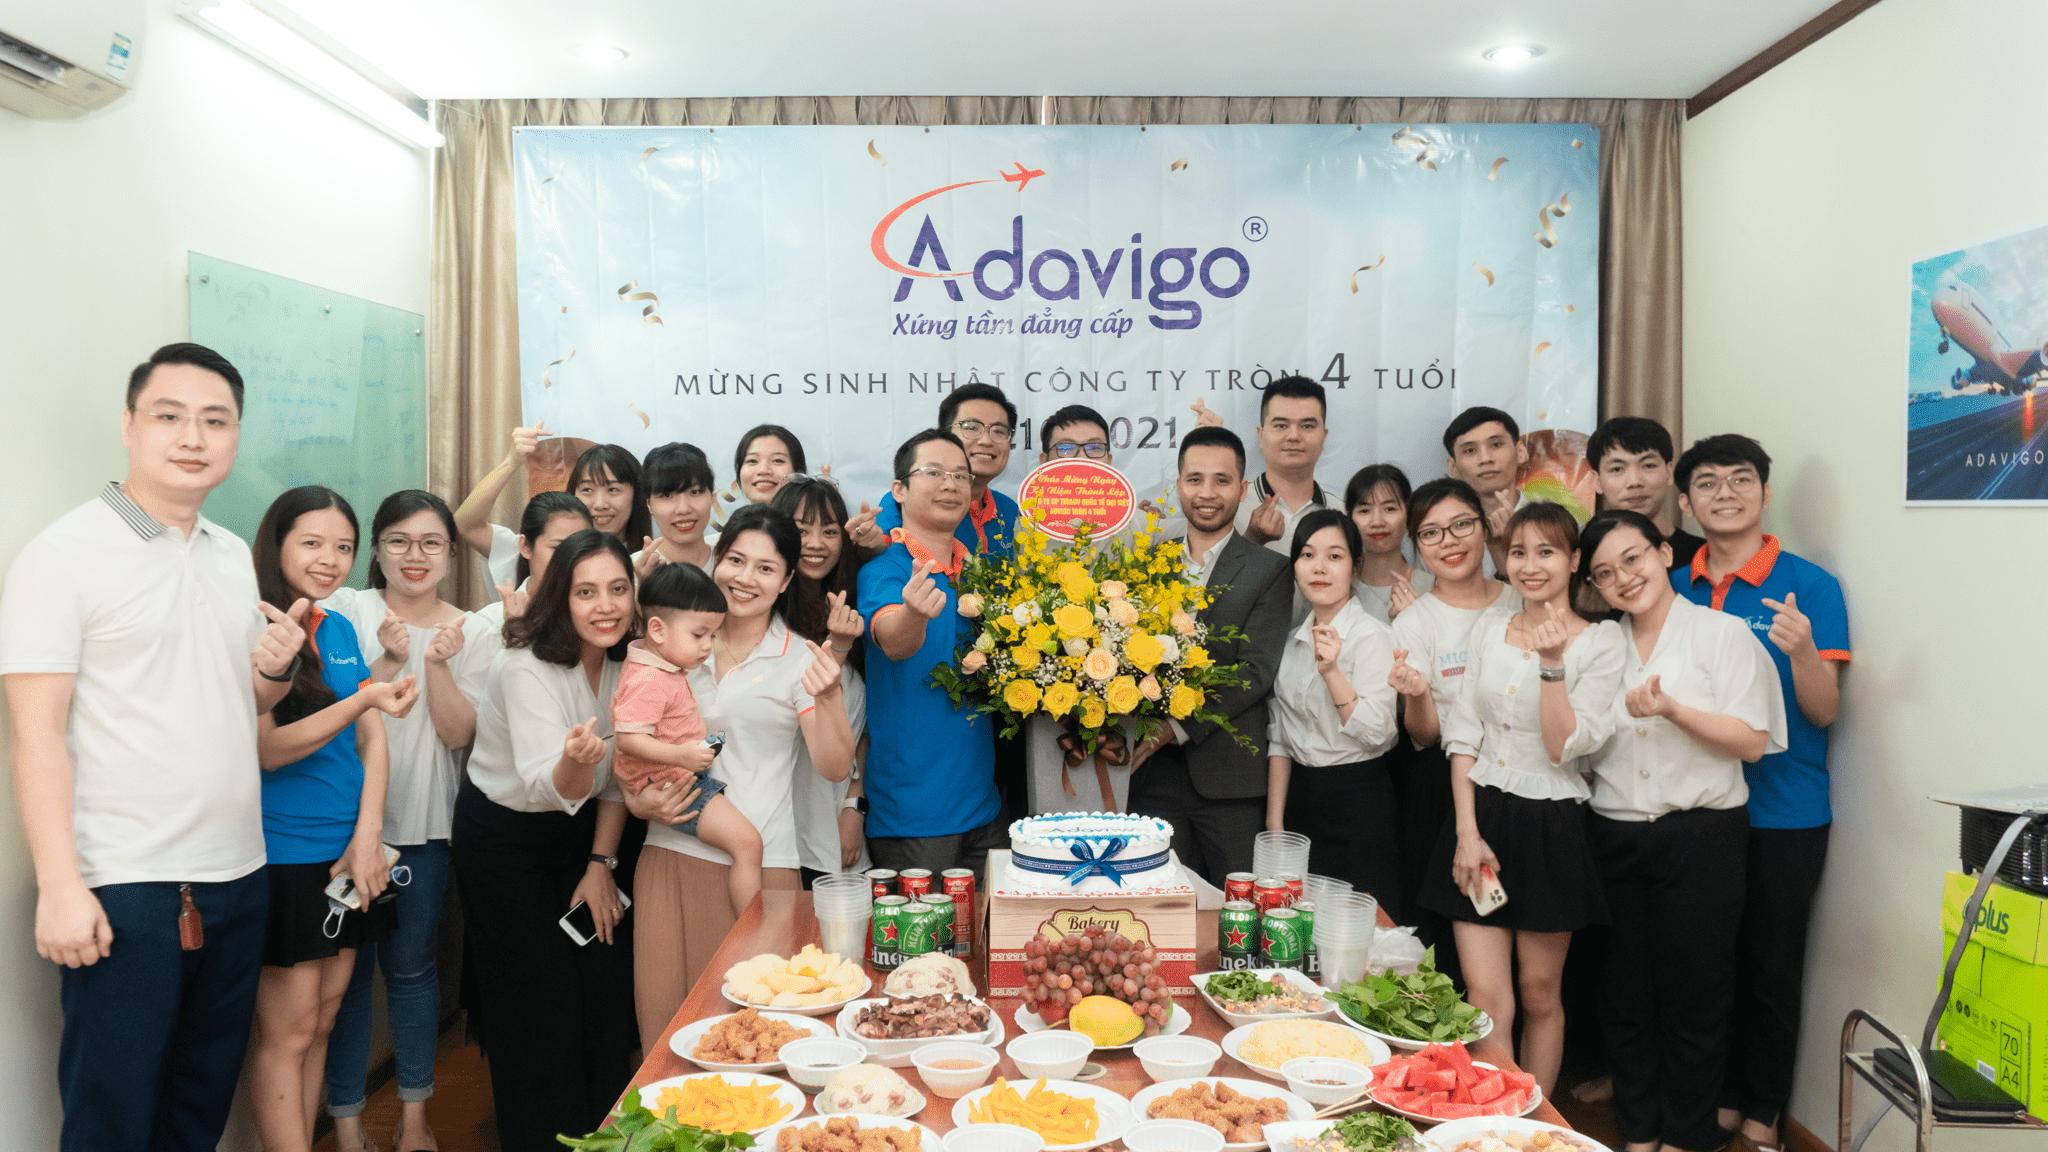 Chúc mừng sinh nhật Adavigo tròn 4 tuổi